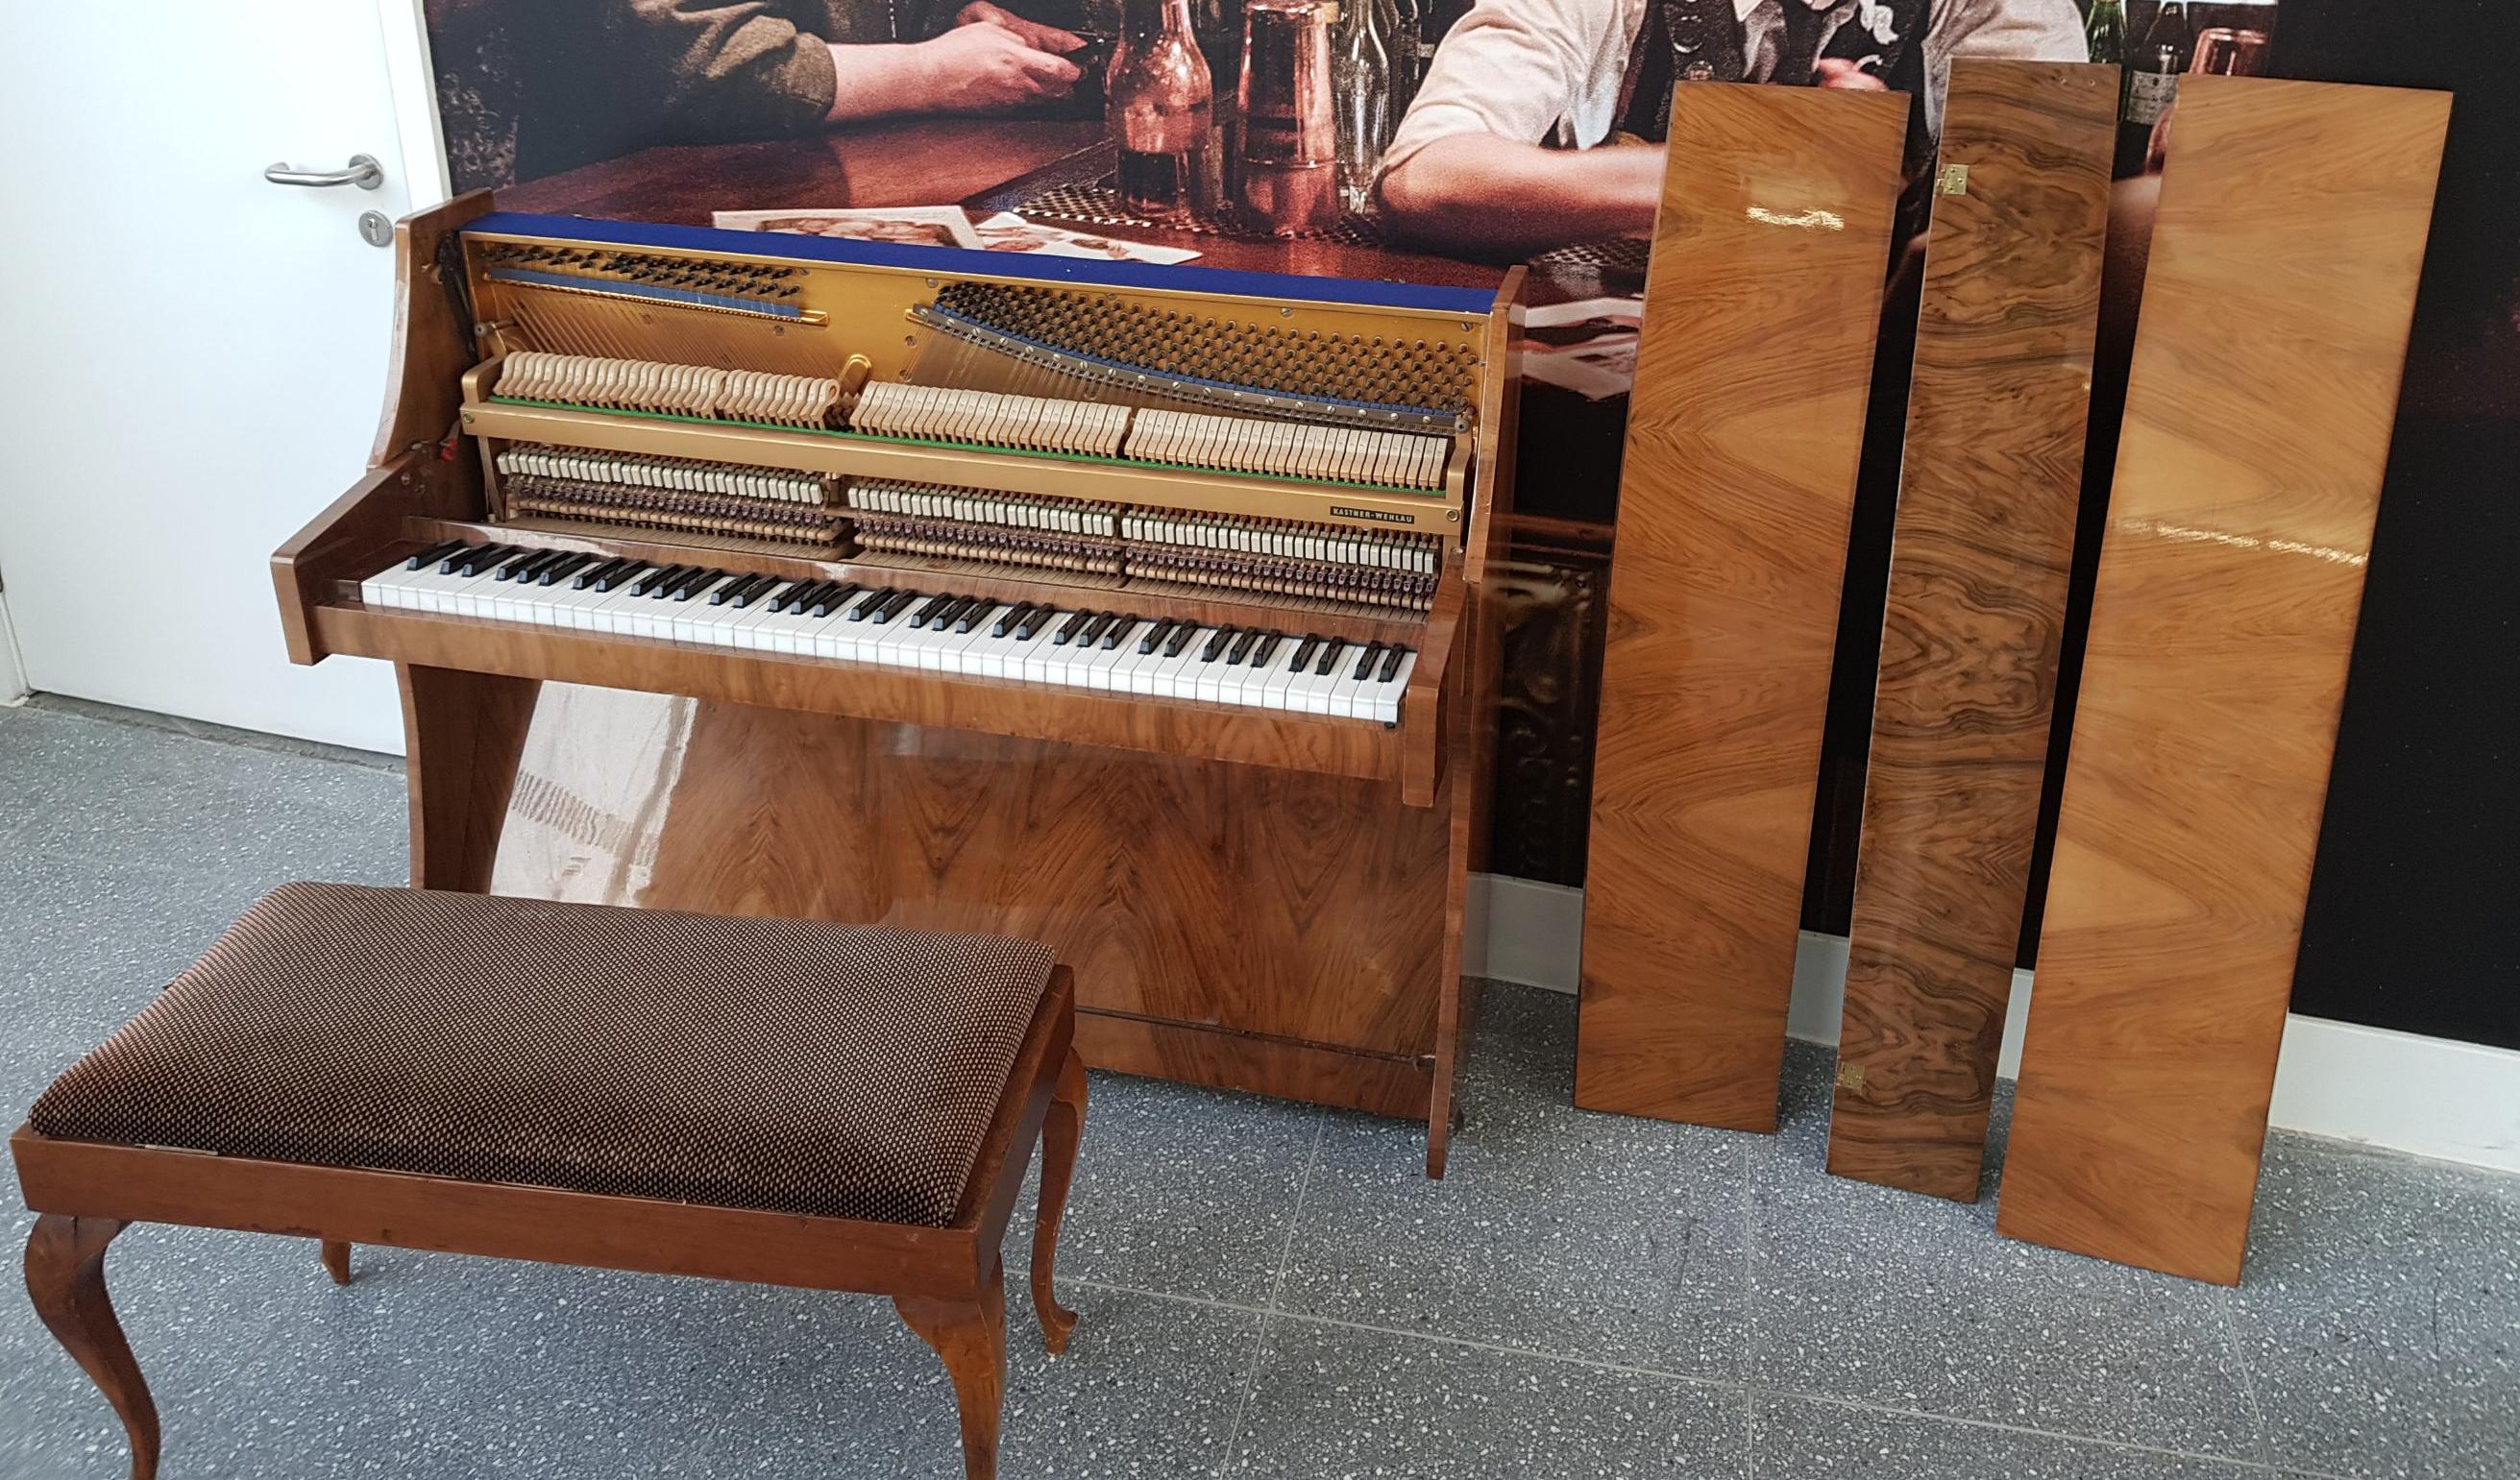 The damaged original piano.